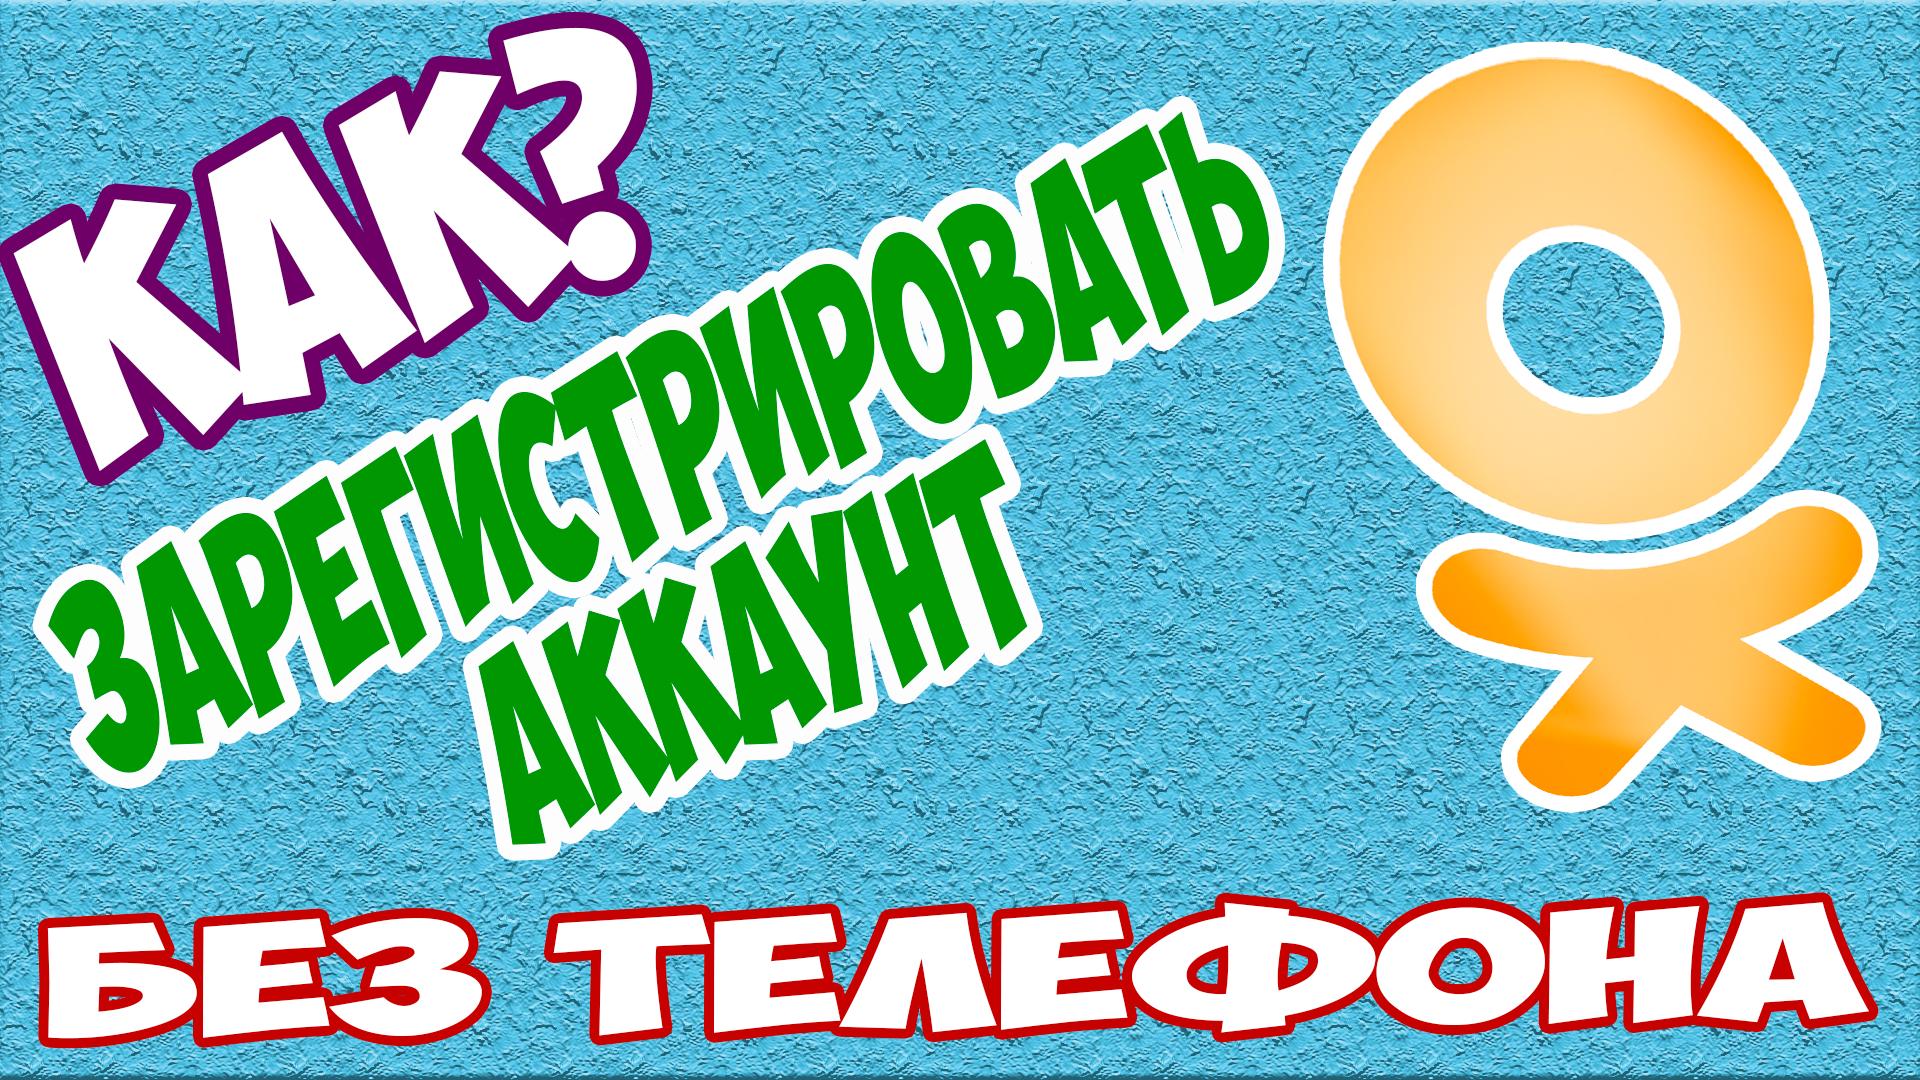 Как зарегистрироваться без телефона в Одноклассниках